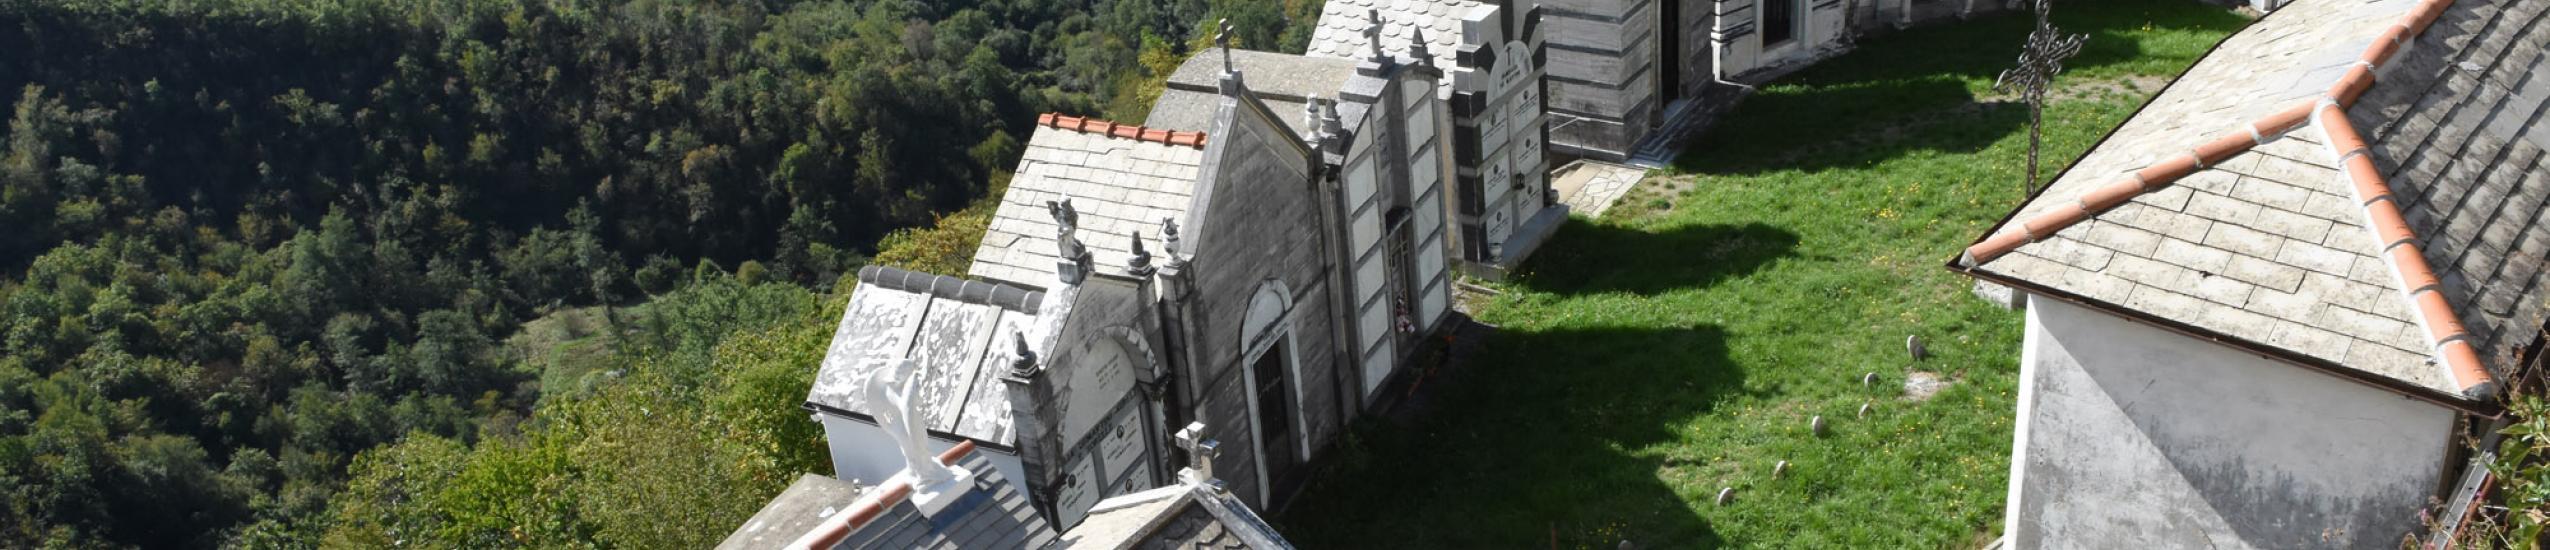 Cimitero di Lorsica